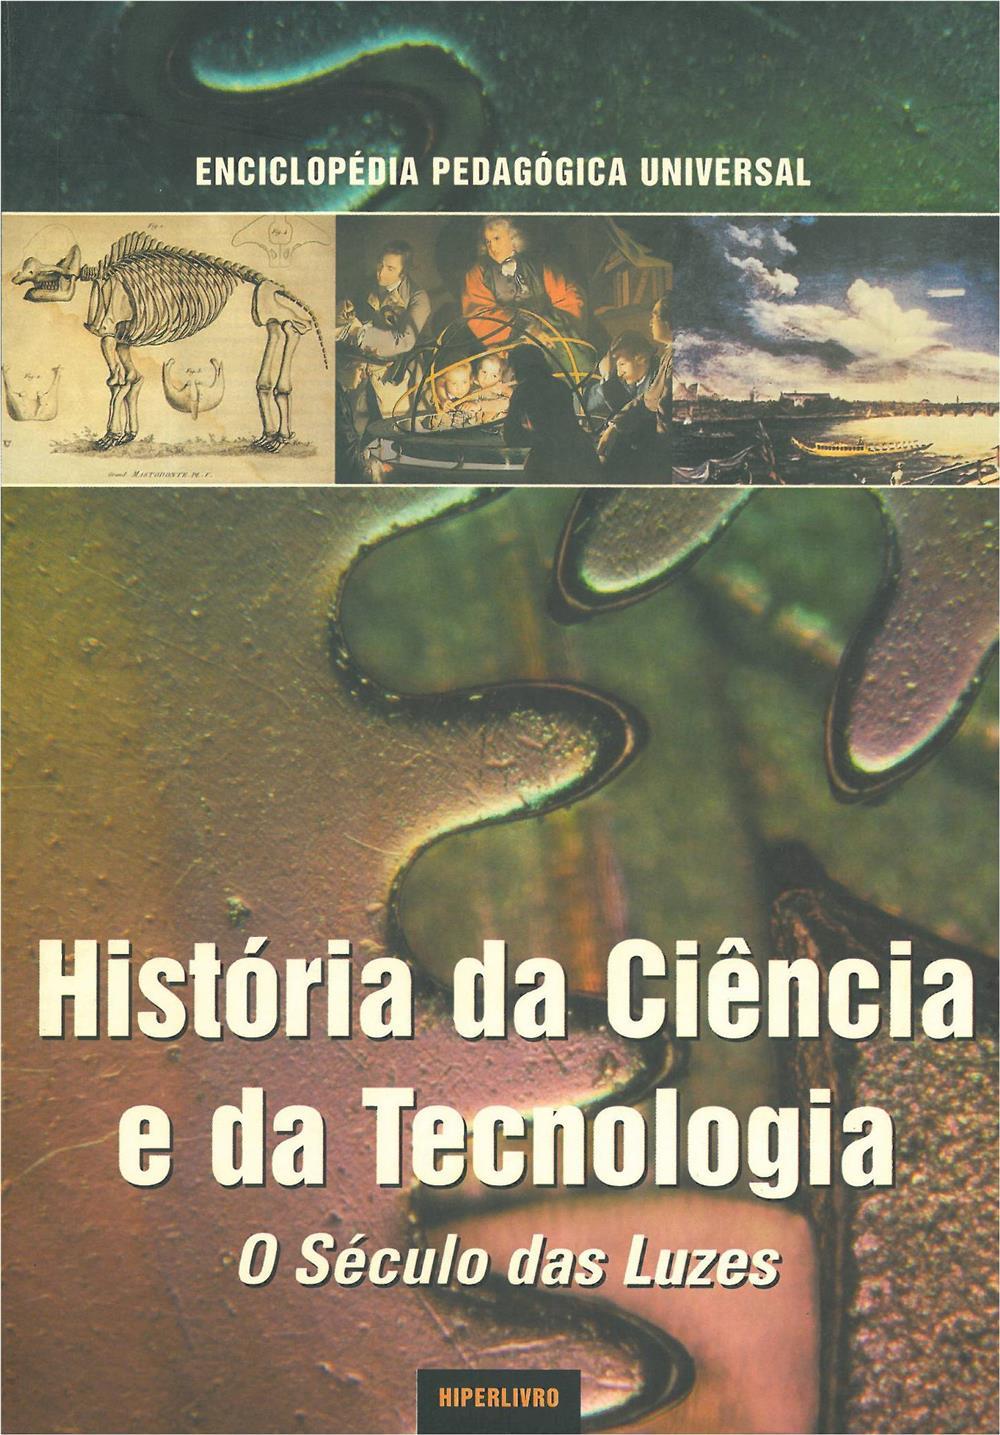 História da ciência e da tecnologia_o século das luzes.jpg